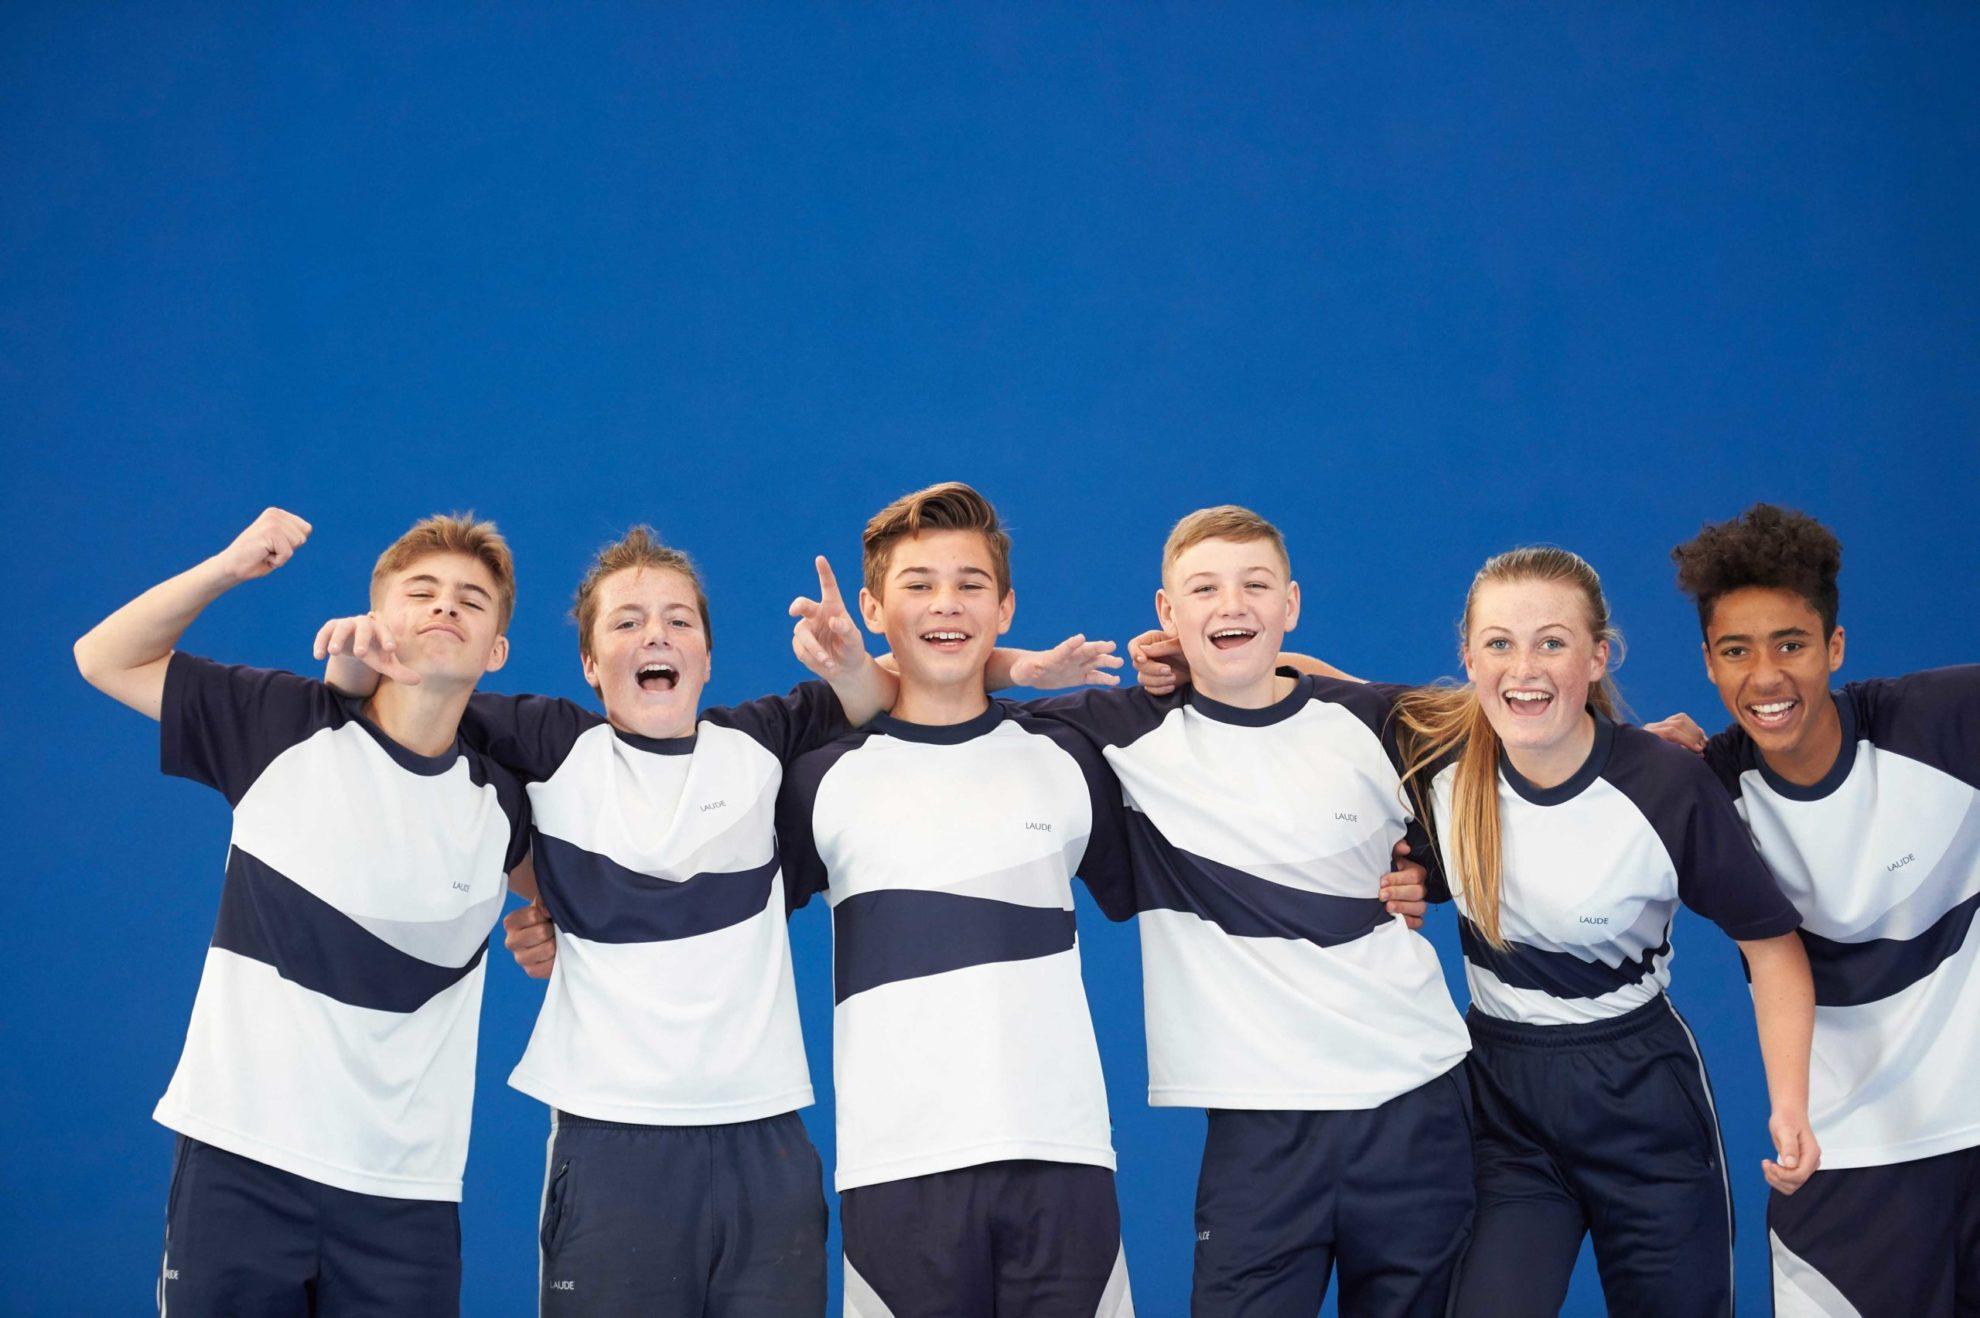 Gruppe-von Freunden-in- Schuluniform-auf- blauem- Hintergrund